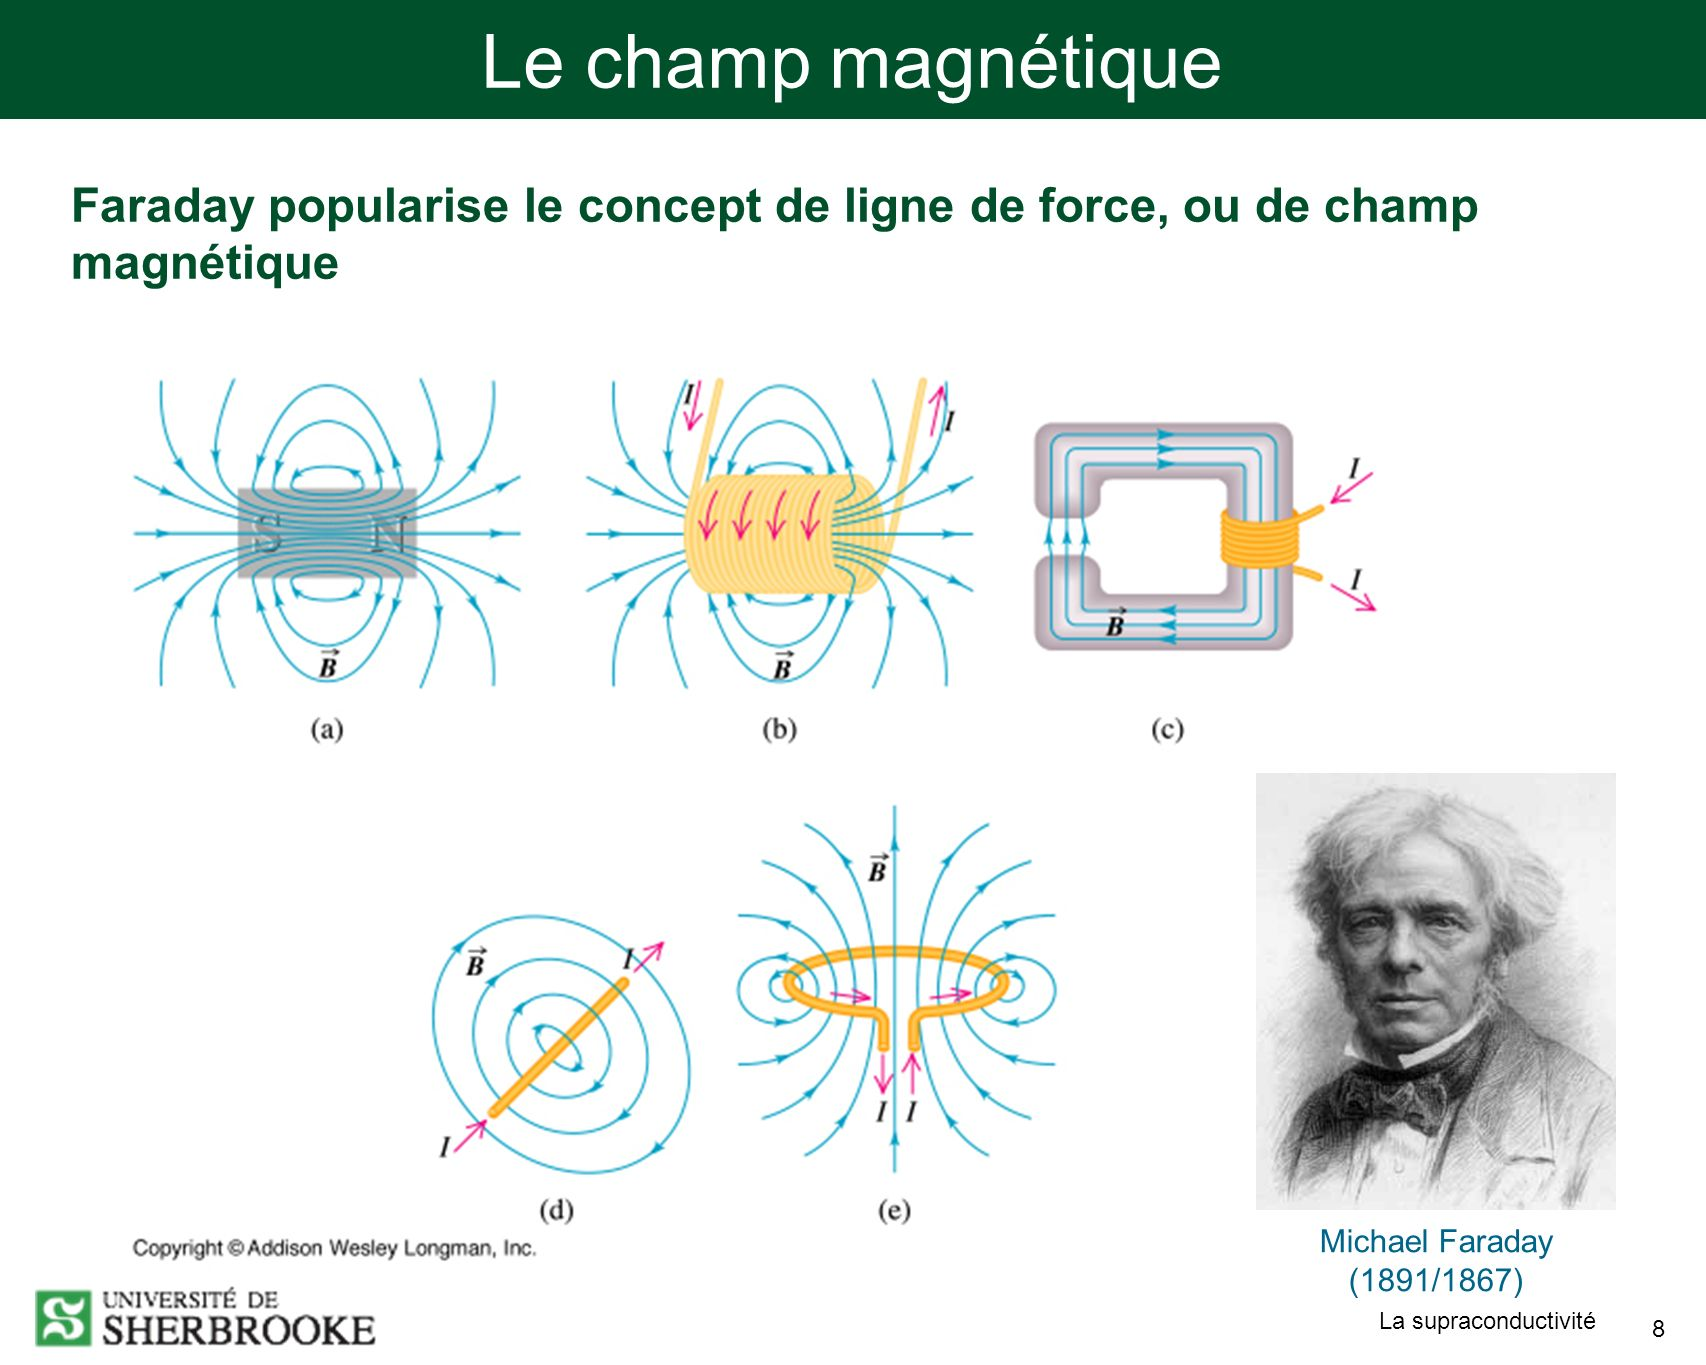 La supraconductivité 39 LHC Large Hadron Collider